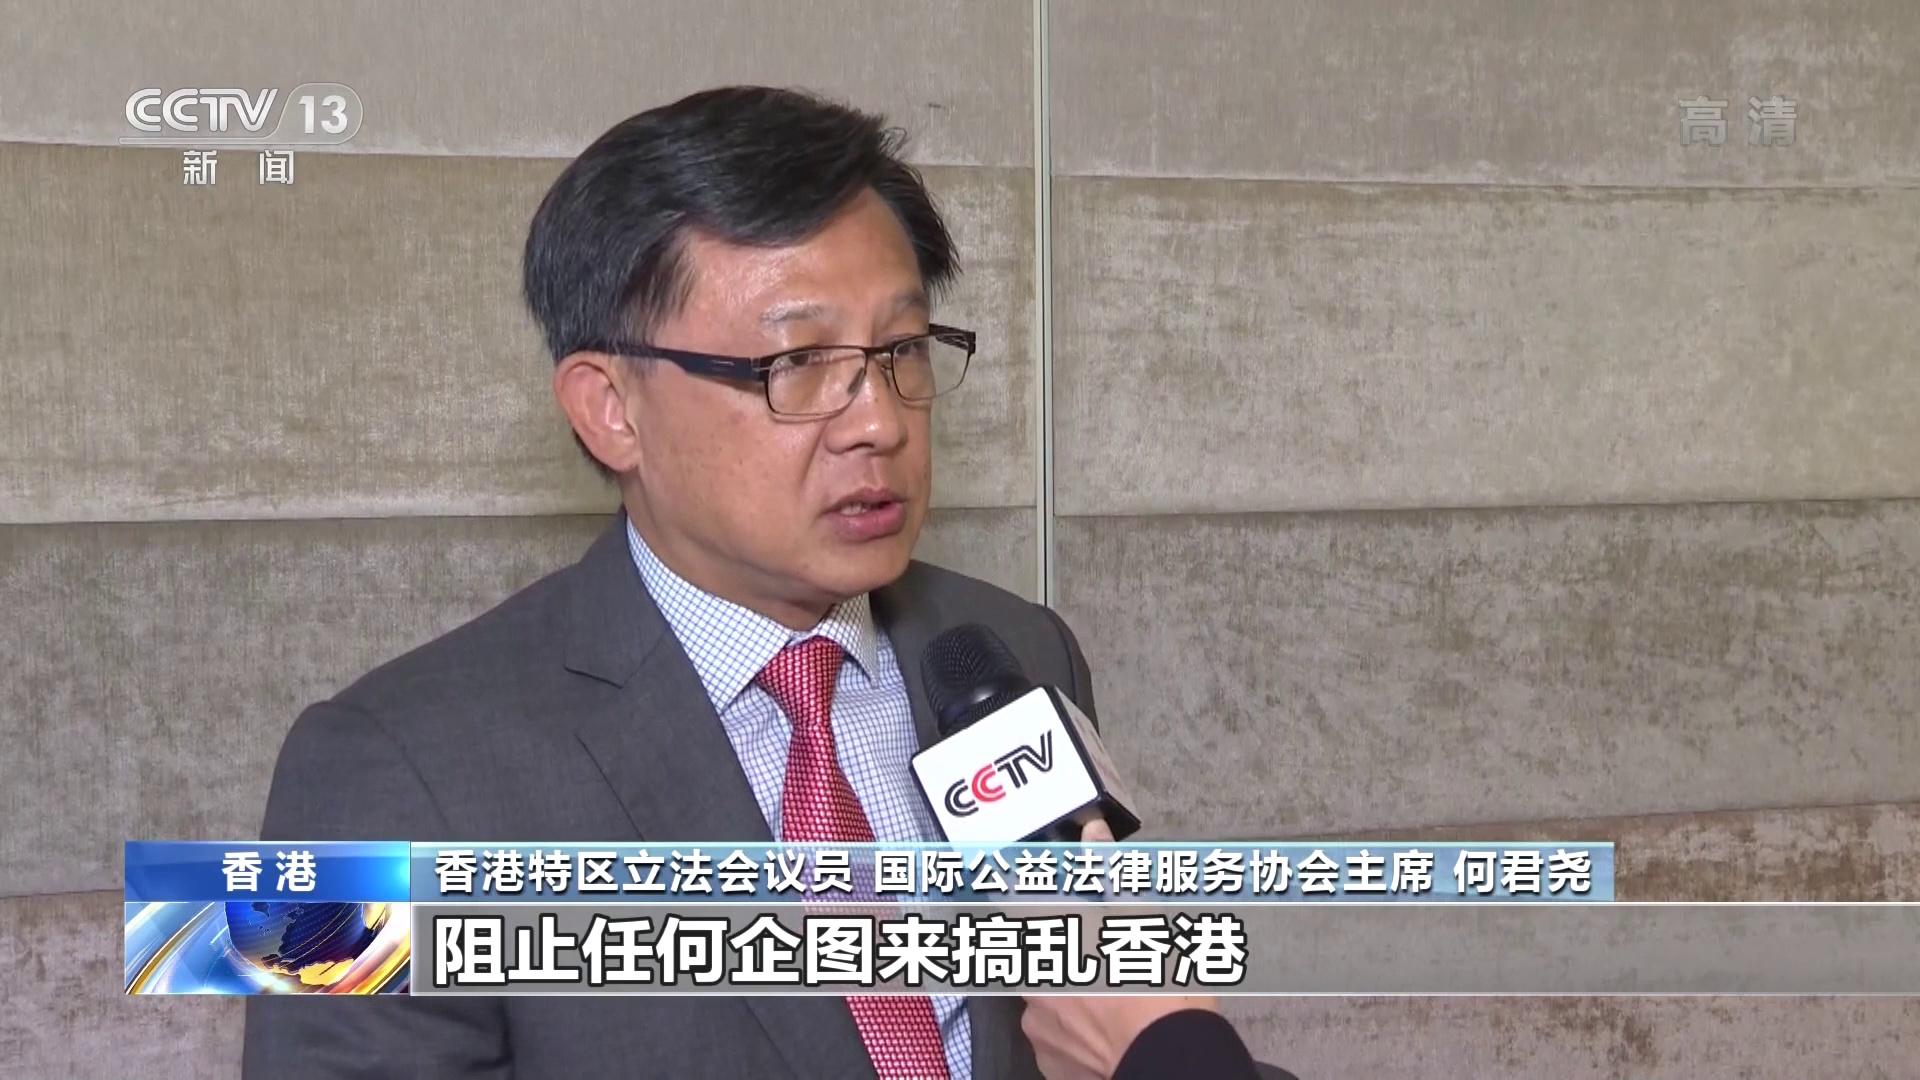 香港国安法稳步实施 保障香港稳定繁荣